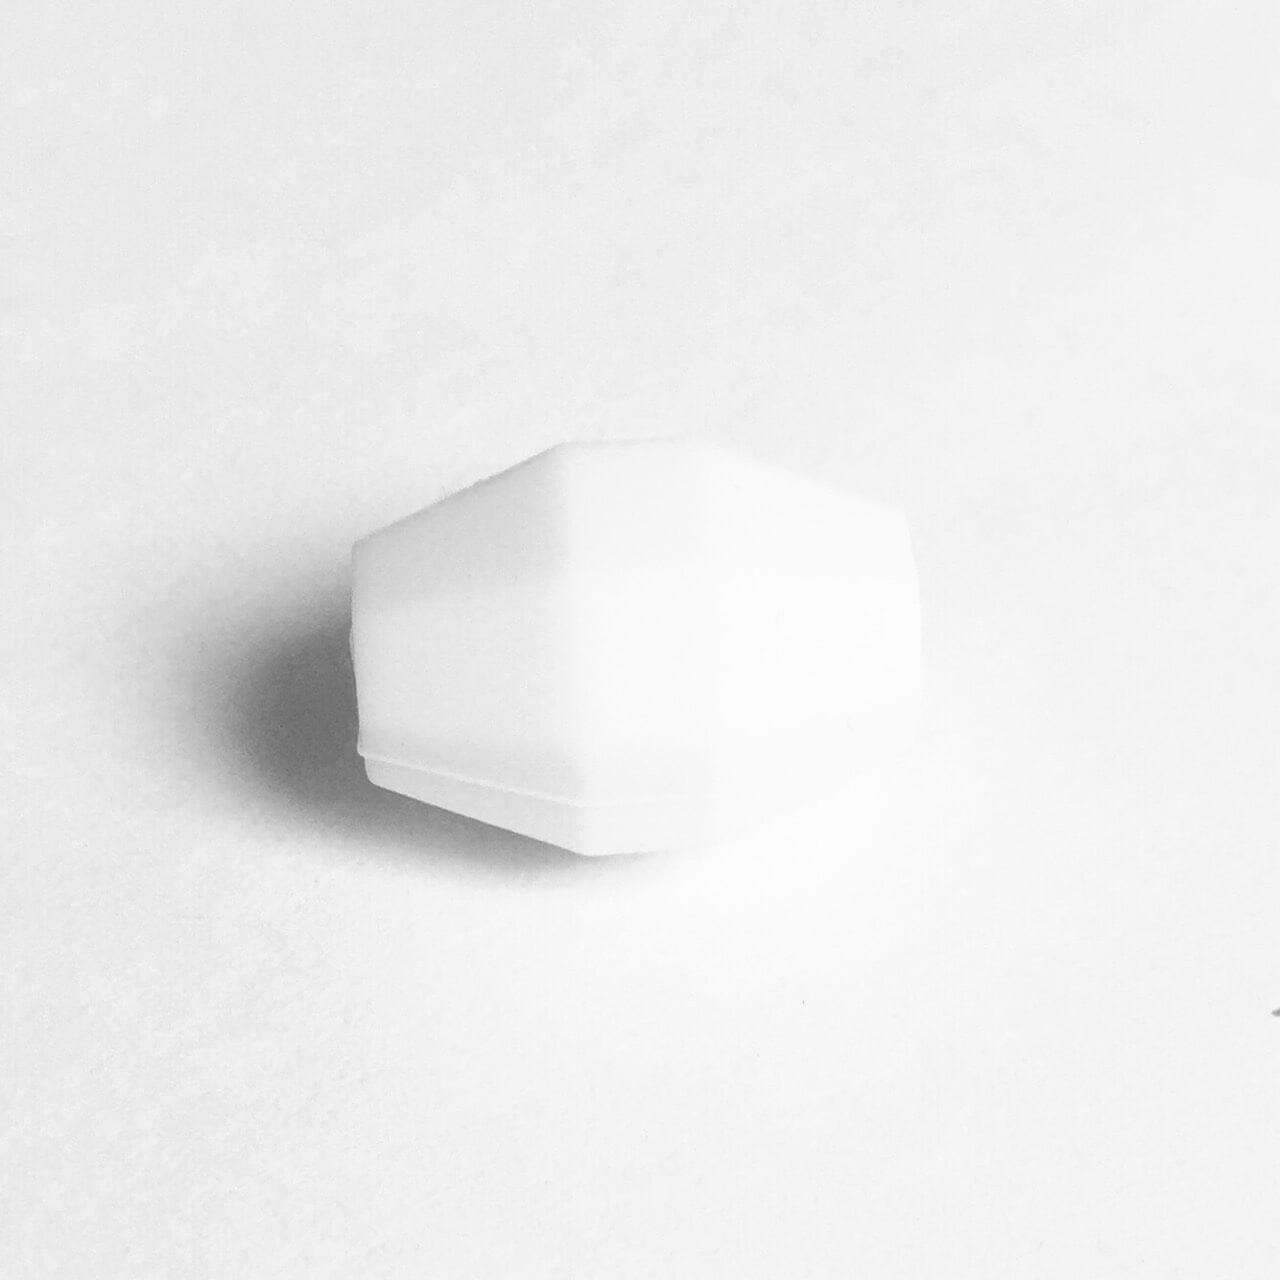 Бочка (белый)  бусина из силикона